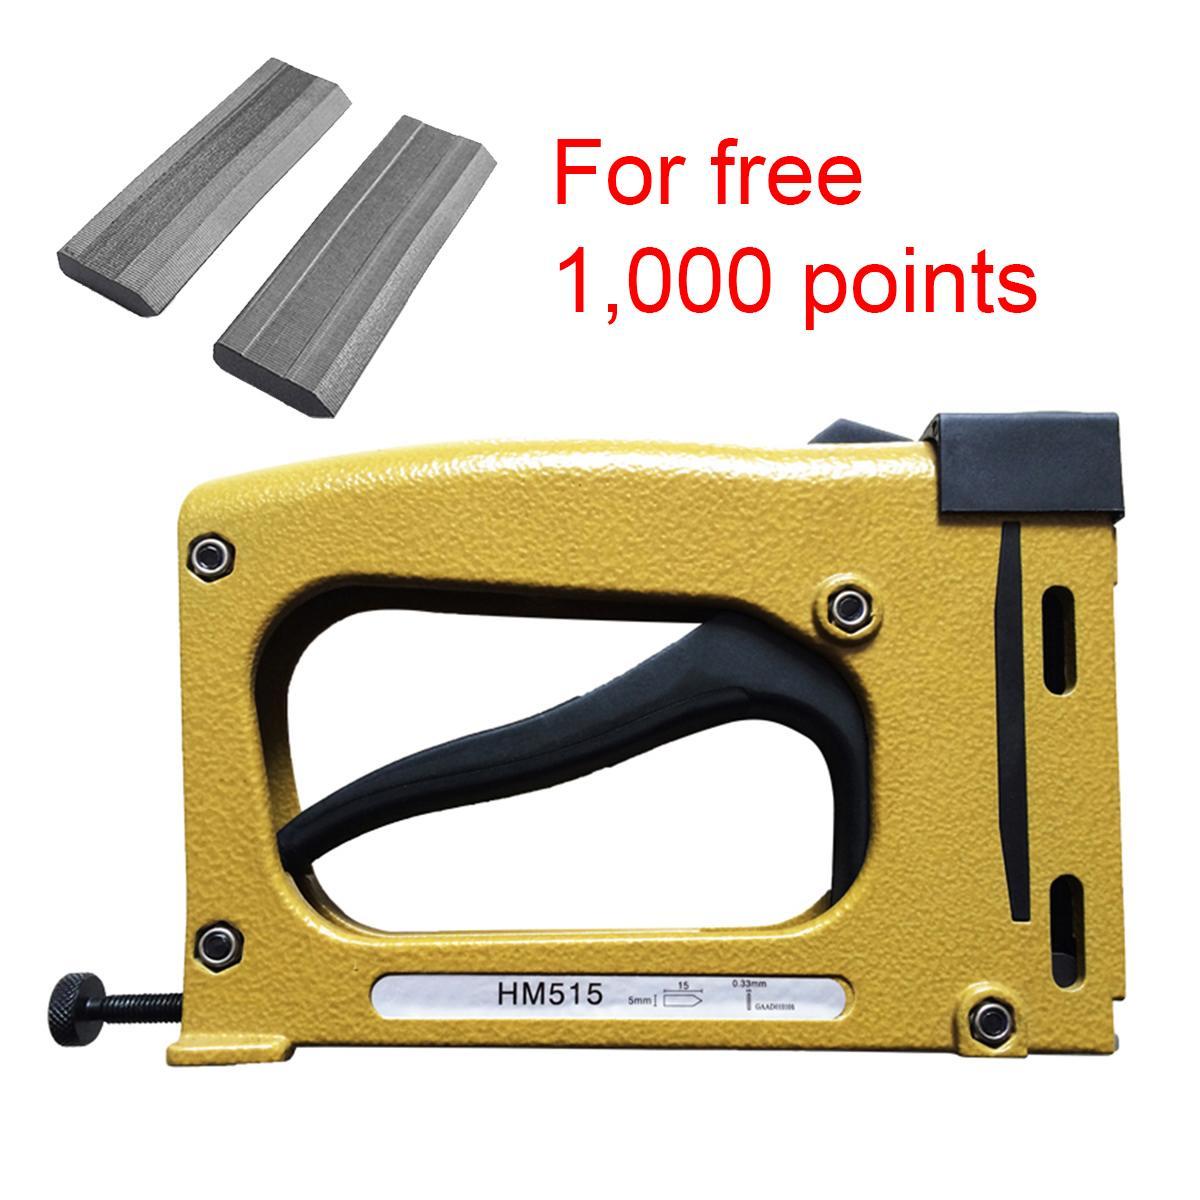 Manual de Metal Ponto Motorista Grampeador Ferramenta de Enquadramento de Imagem + 1000Pcs Pontos Ponto Motorista Kit Ferramenta de Enquadramento de Imagem Grampeador Durável